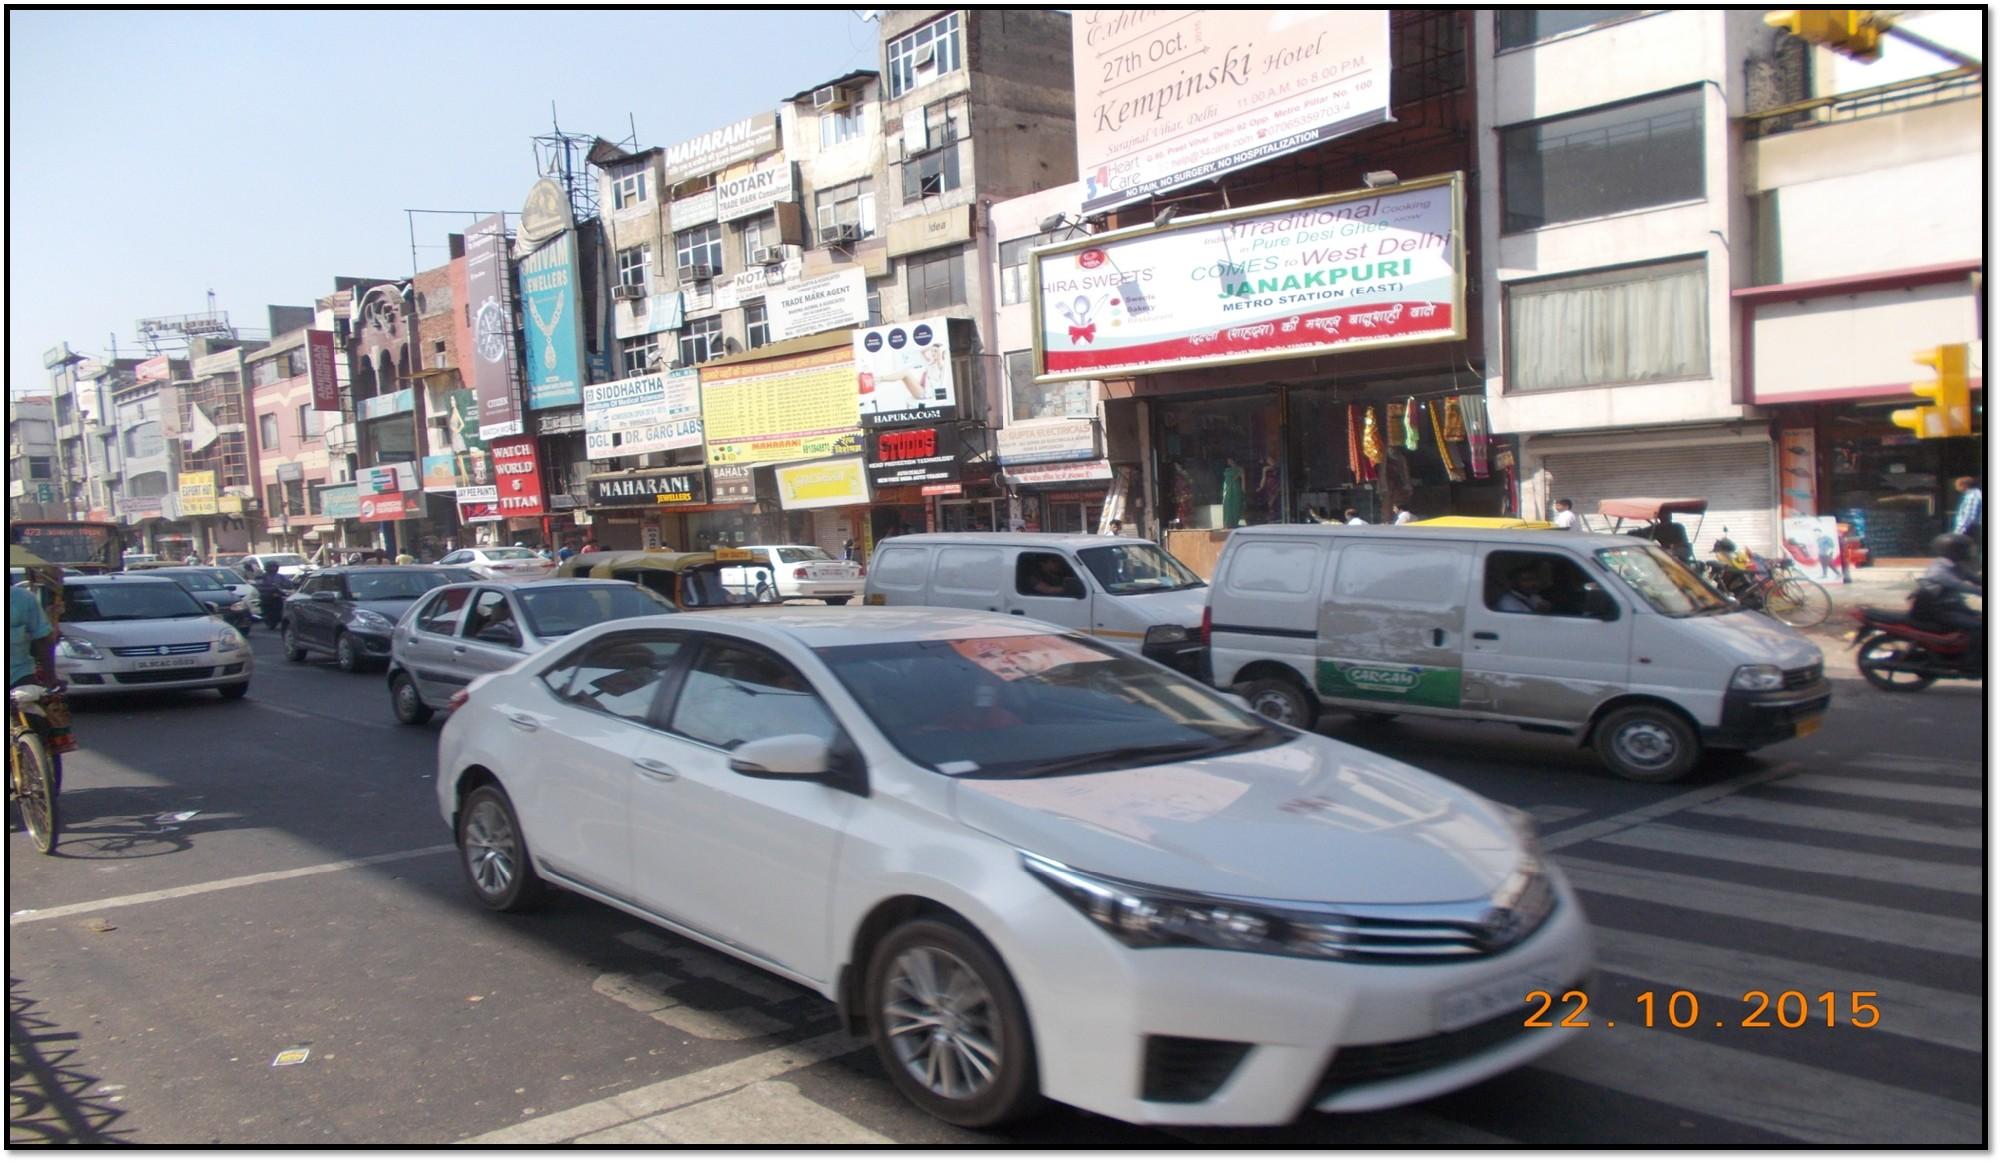 V3S Red Light Laxmi, Nagar, New Delhi